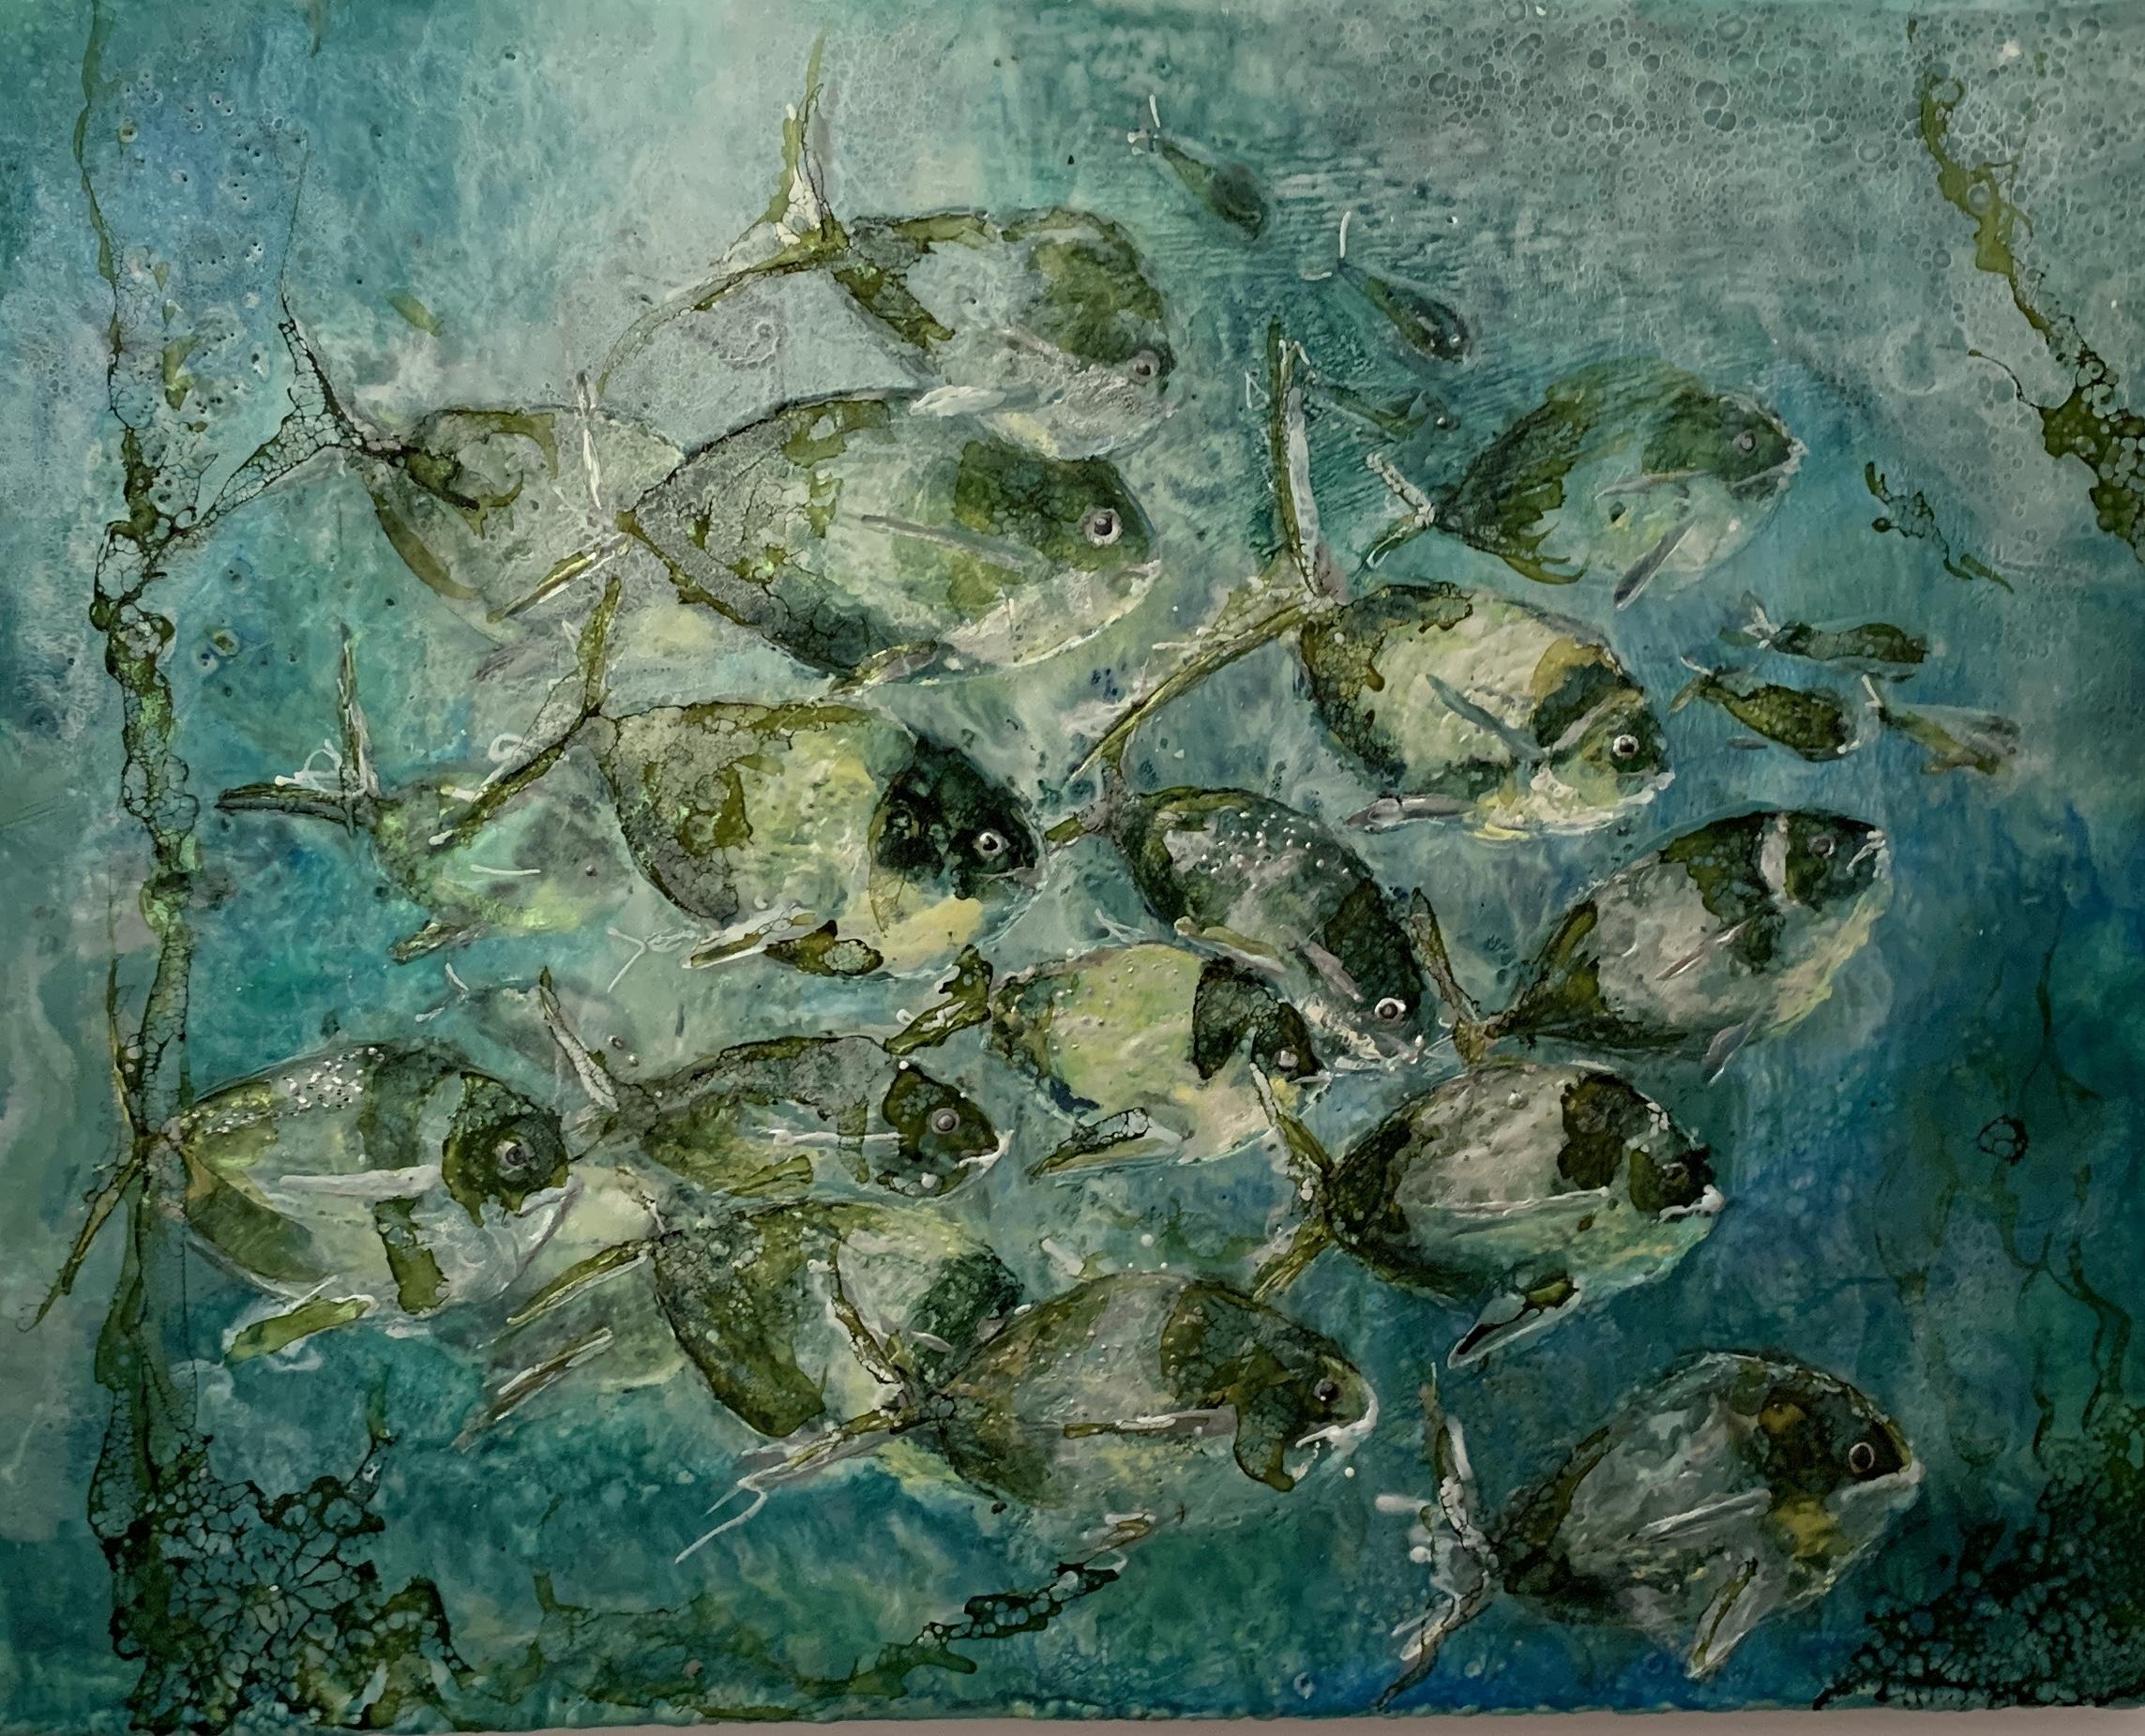 Fish No Chips